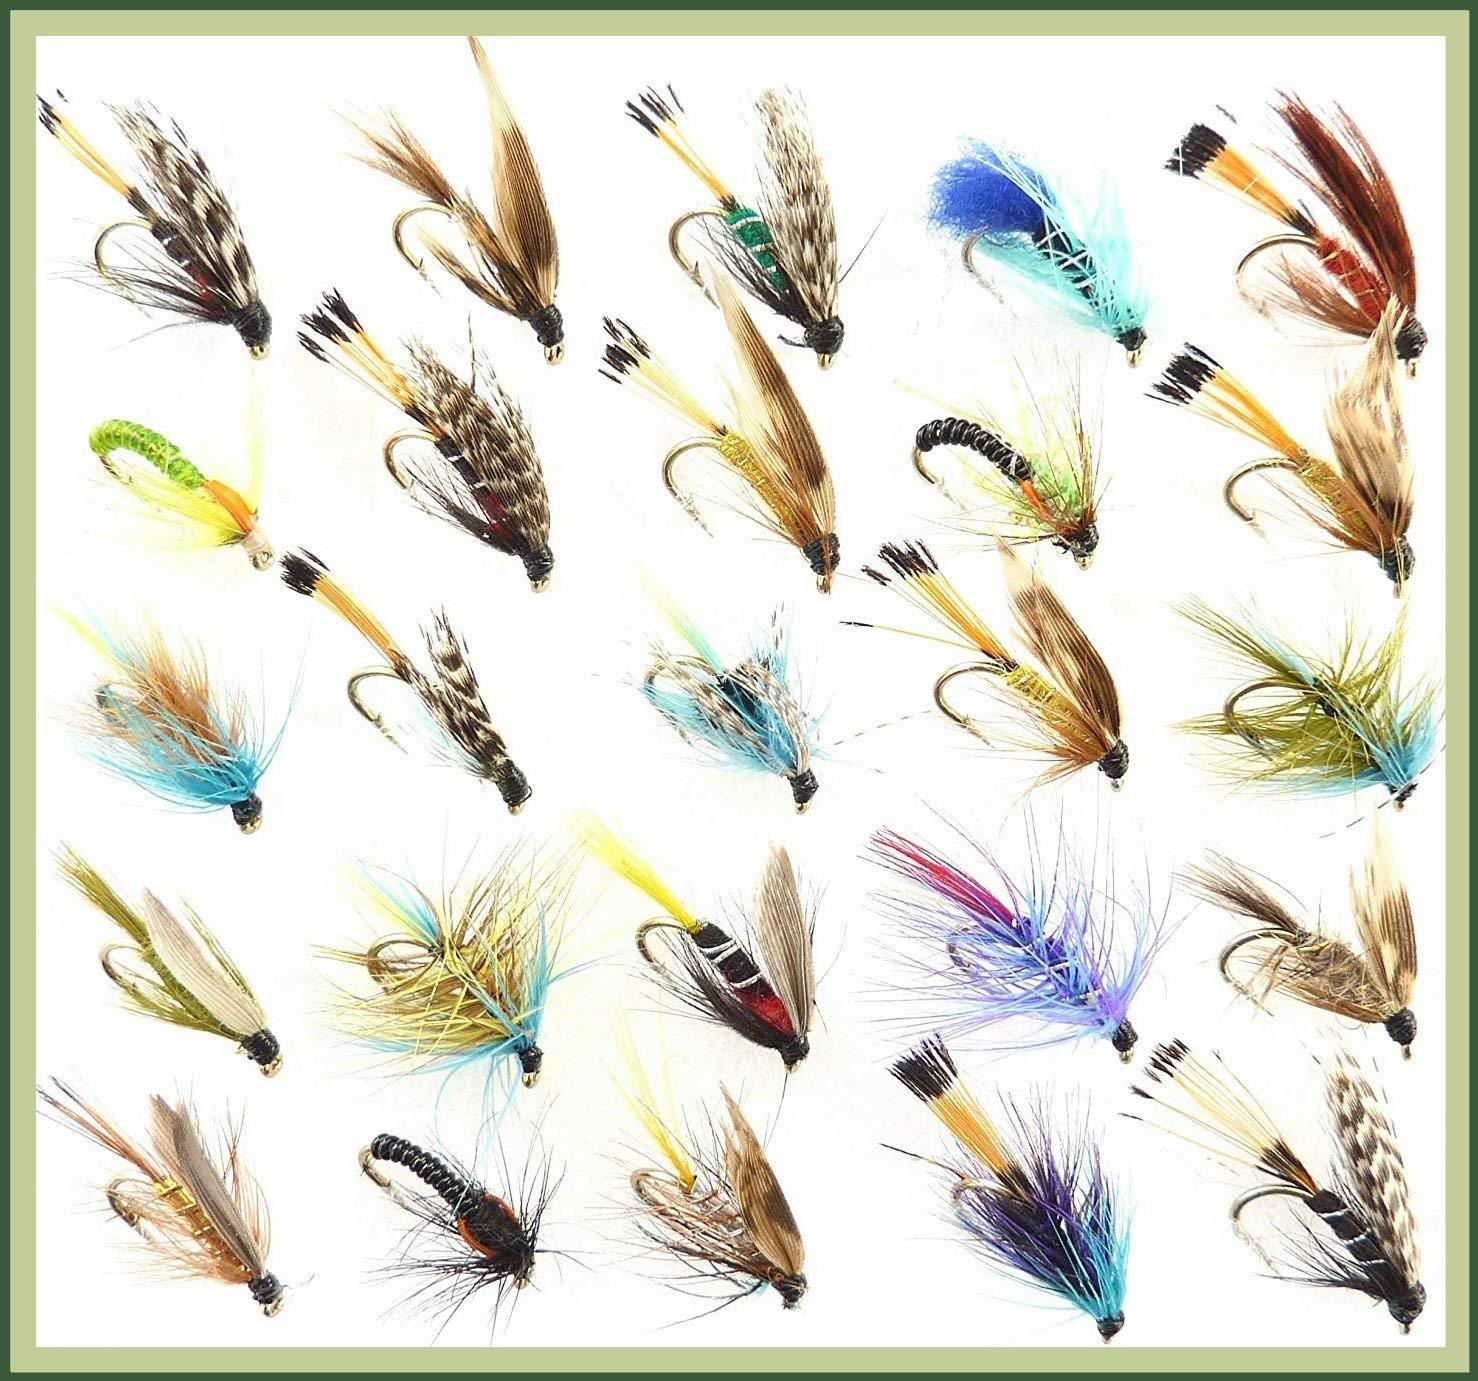 Trout Flies GOLD HEAD NYMPH Buzzer Fishing Flies Hook 12 33J BARBLESS X 30 Flies